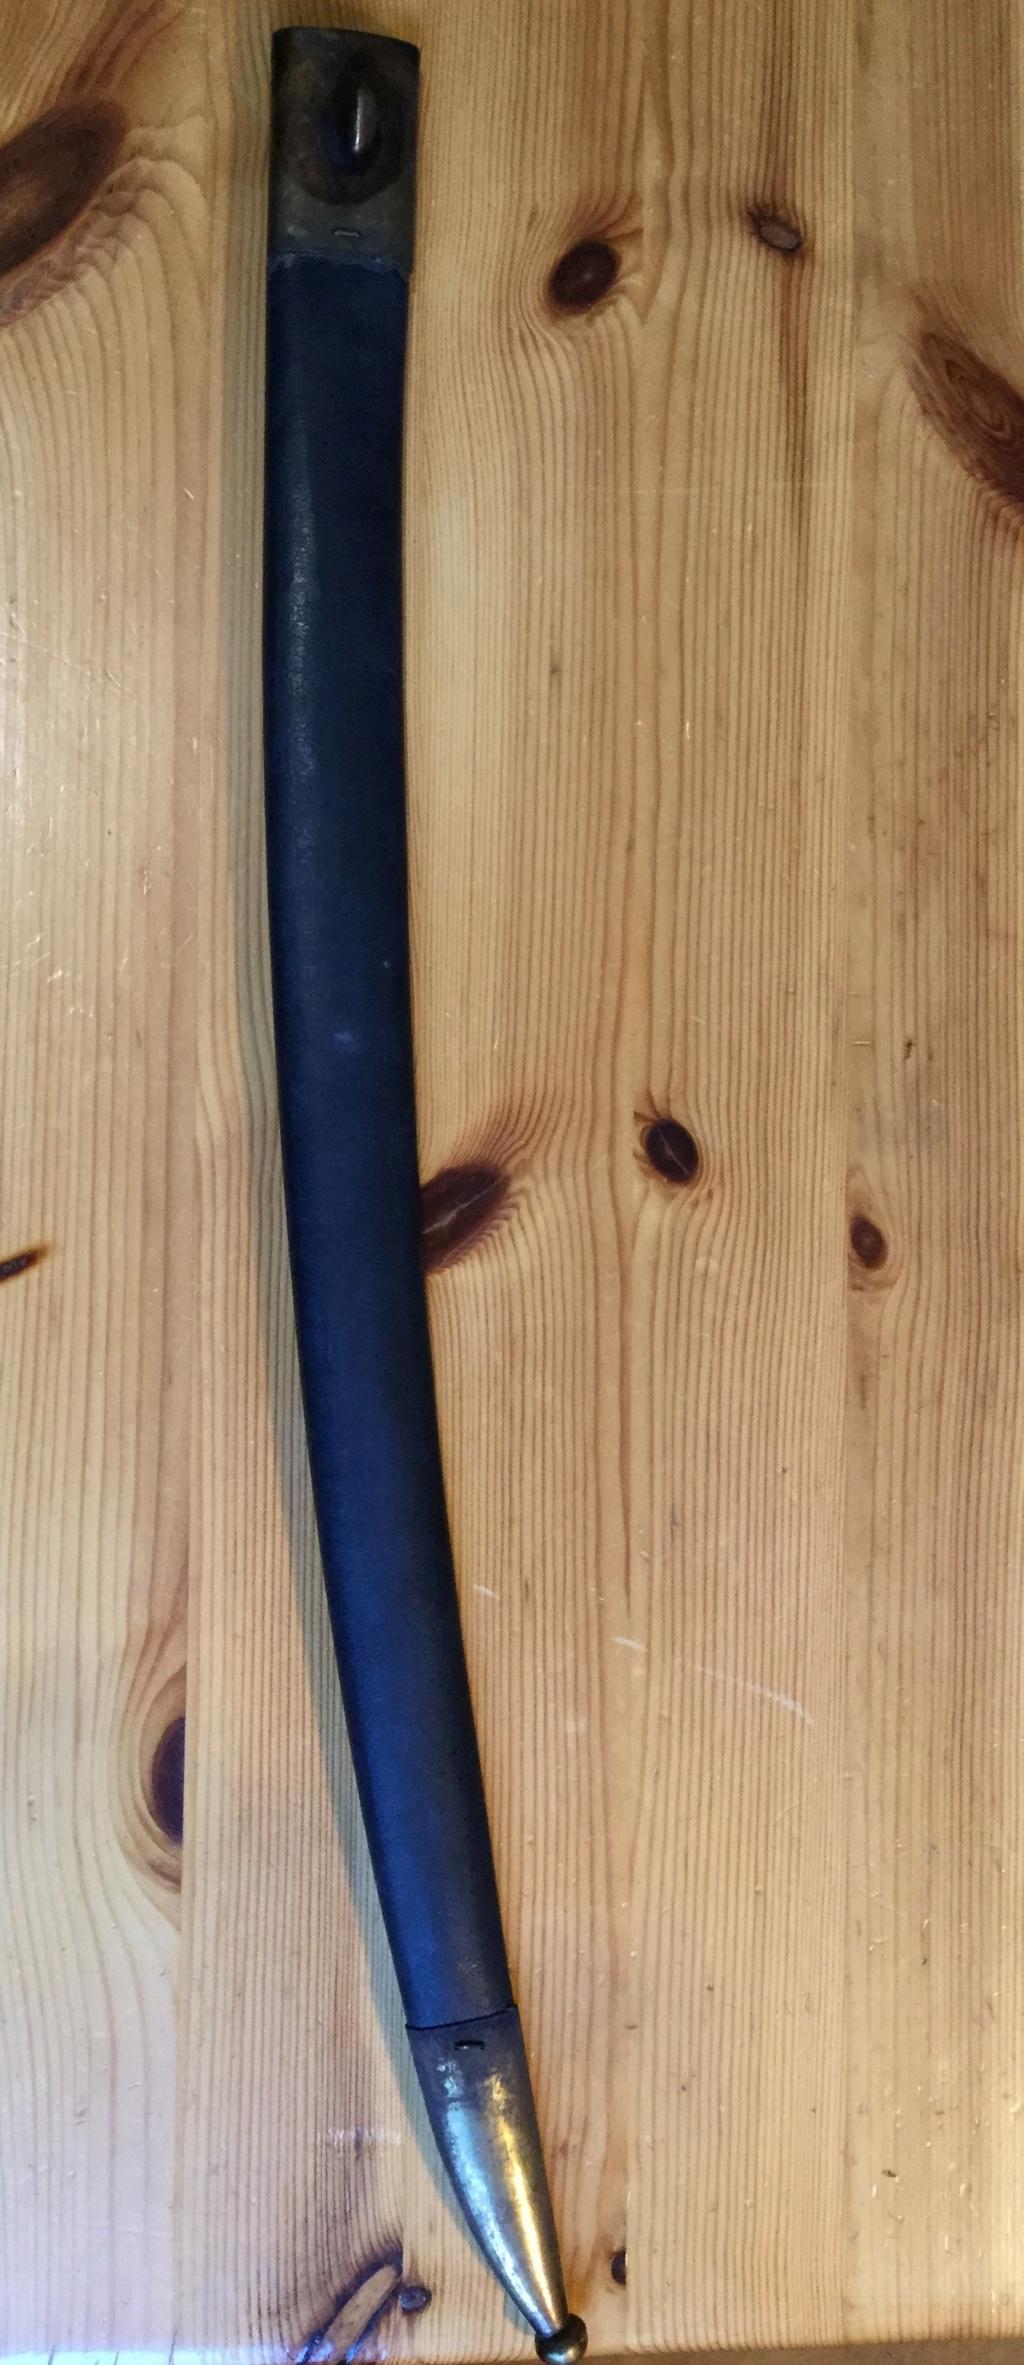 Sabre briquet - Modèle an XI ? Manufacture de .... Sabre_24